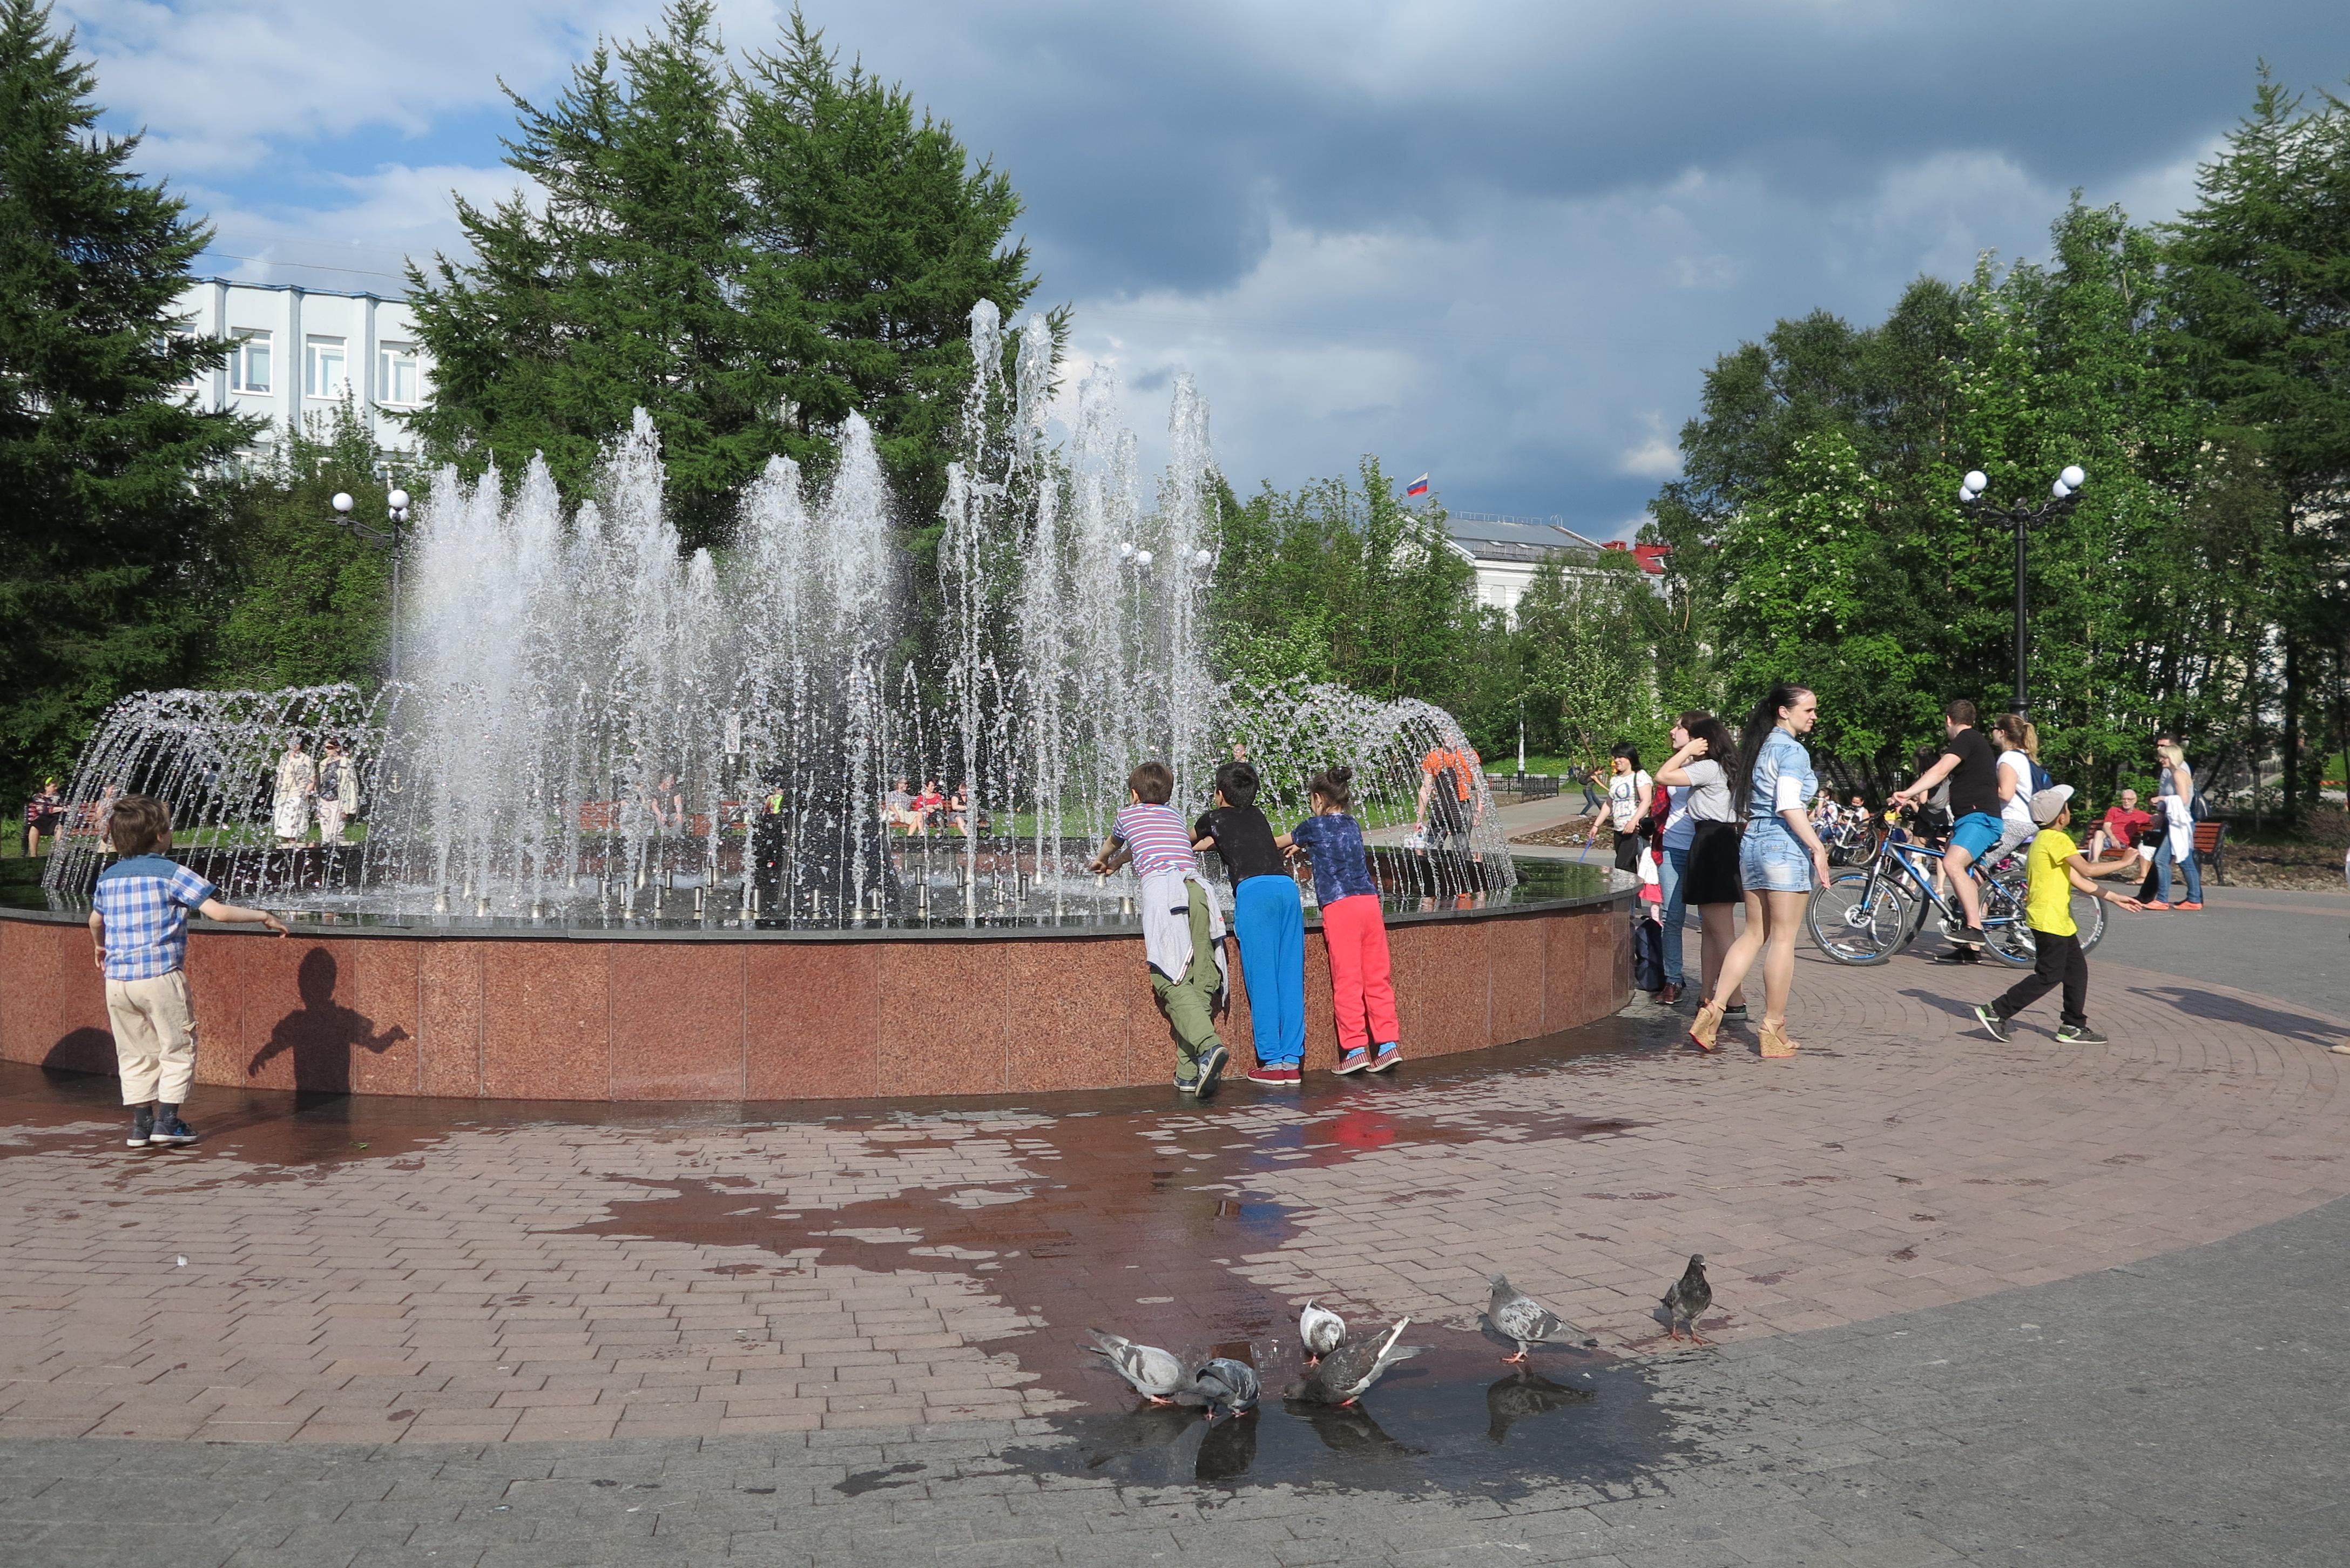 Фонтаны в центре в жаркий день